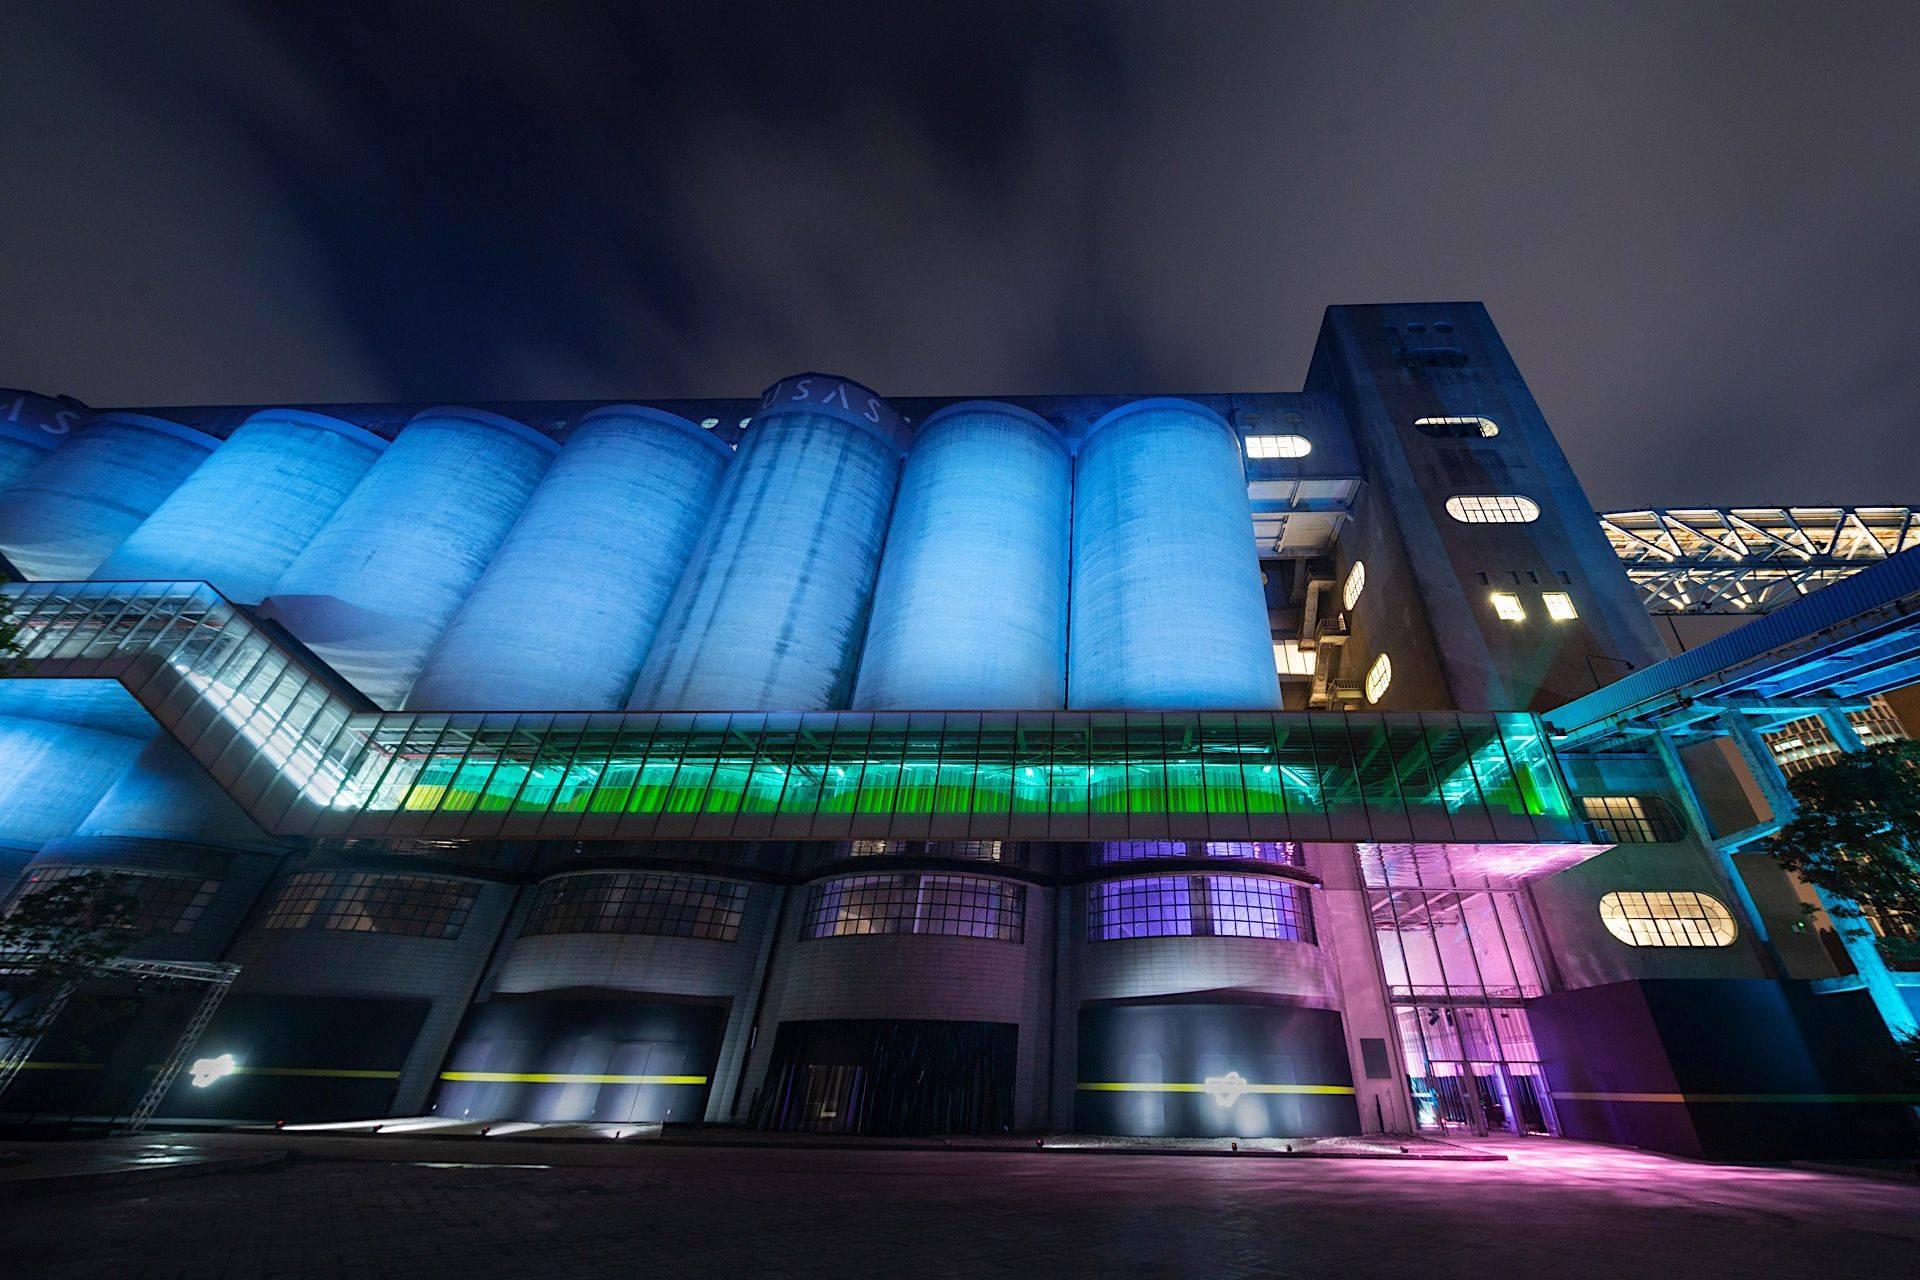 Silo Hall-bygningen ble designet av det nederlandske studio AMO